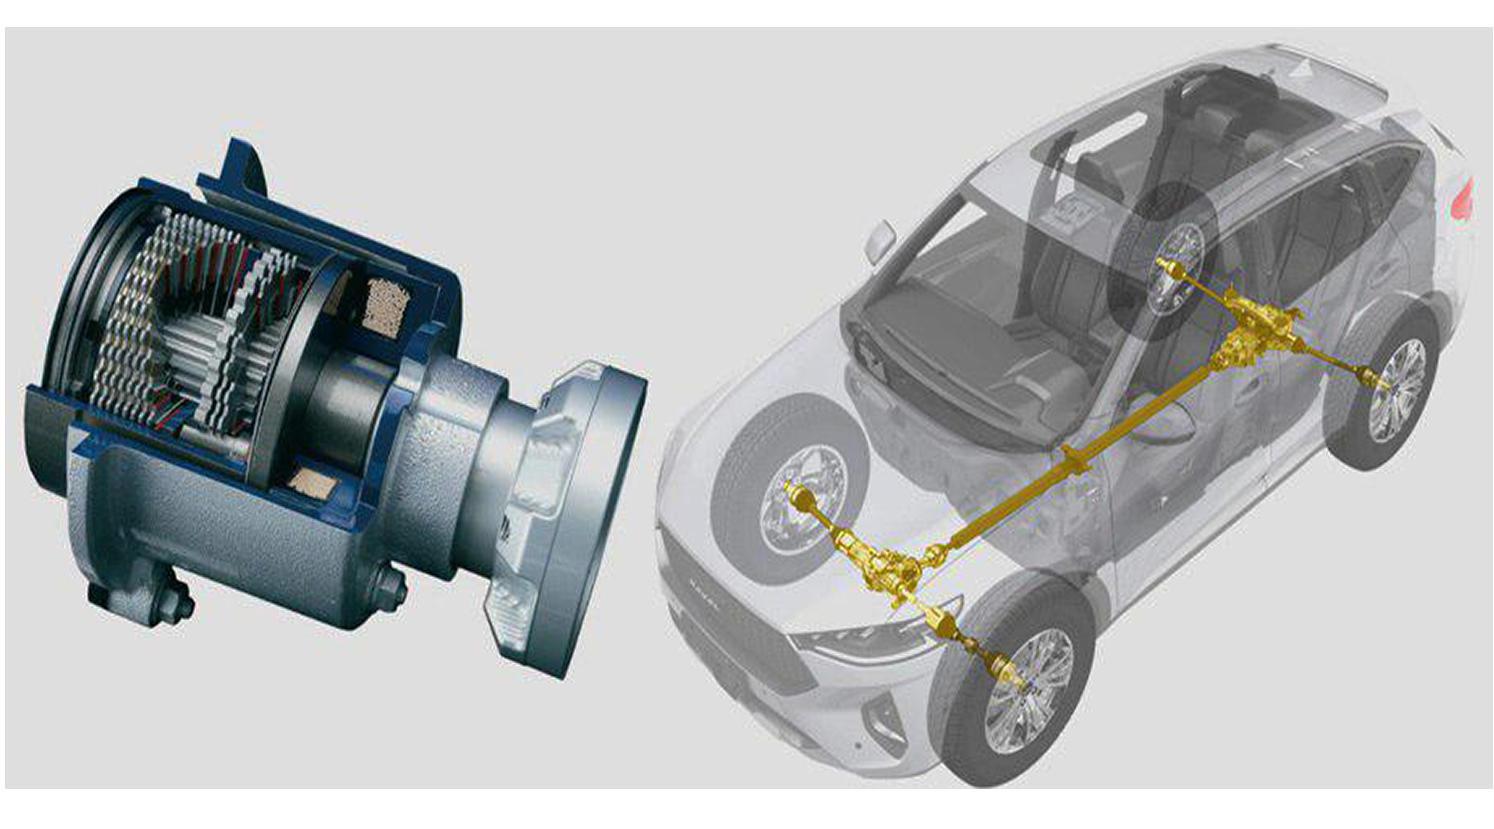 Многодисковая муфта NexTrac отправляет постоянно 10% крутящего момента на заднюю ось. Поэтому привод здесь — постоянный полный